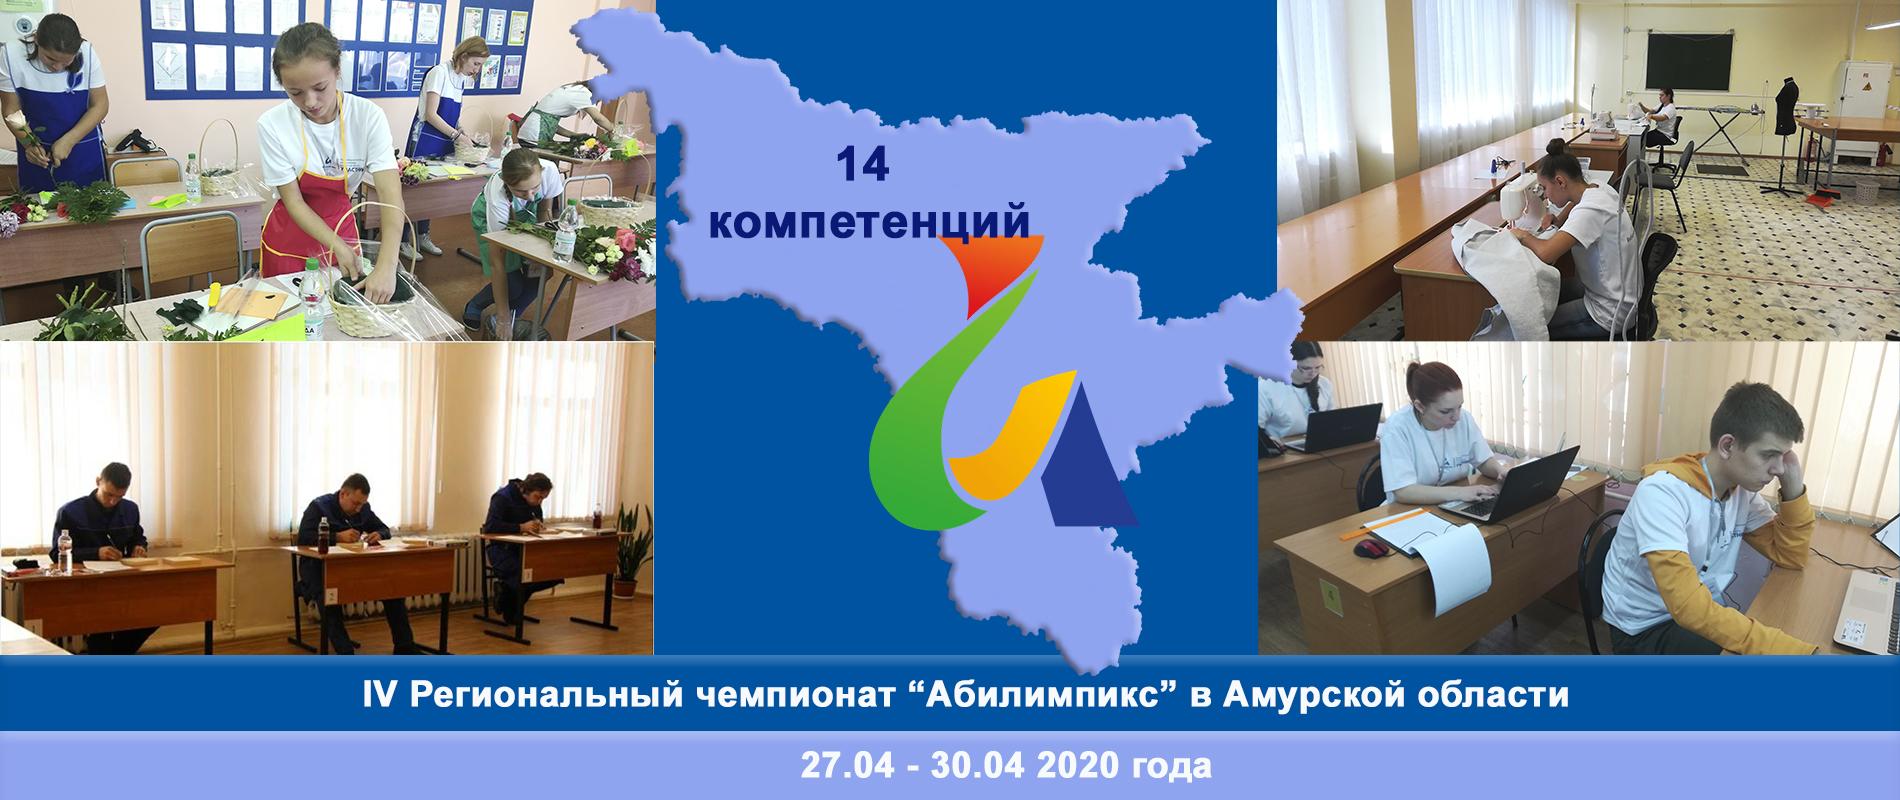 Стартовала заявочная кампания для участия в IV региональном чемпионате «Абилимпикс – 2020»